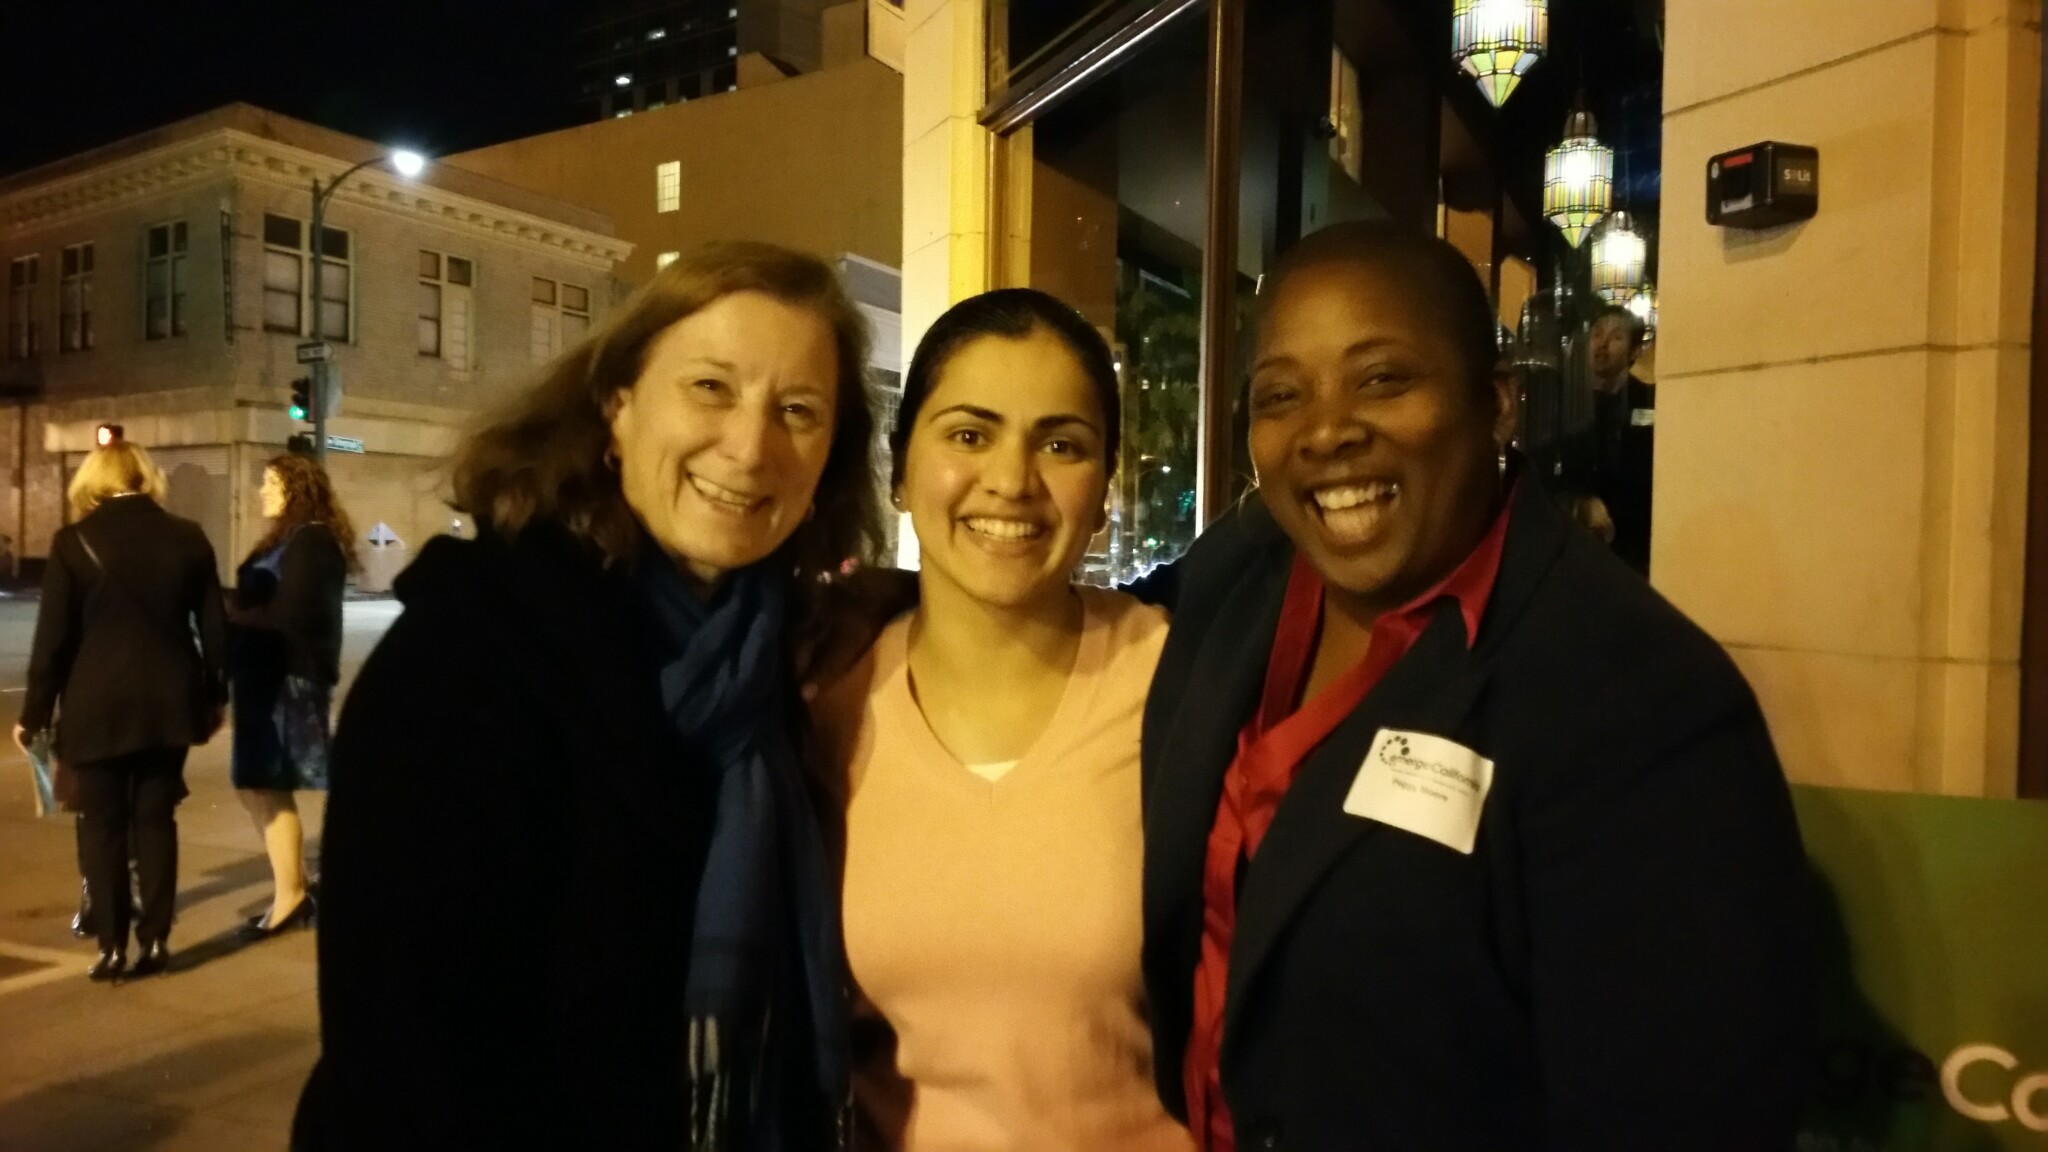 Ellen, Aisha, and Peggy